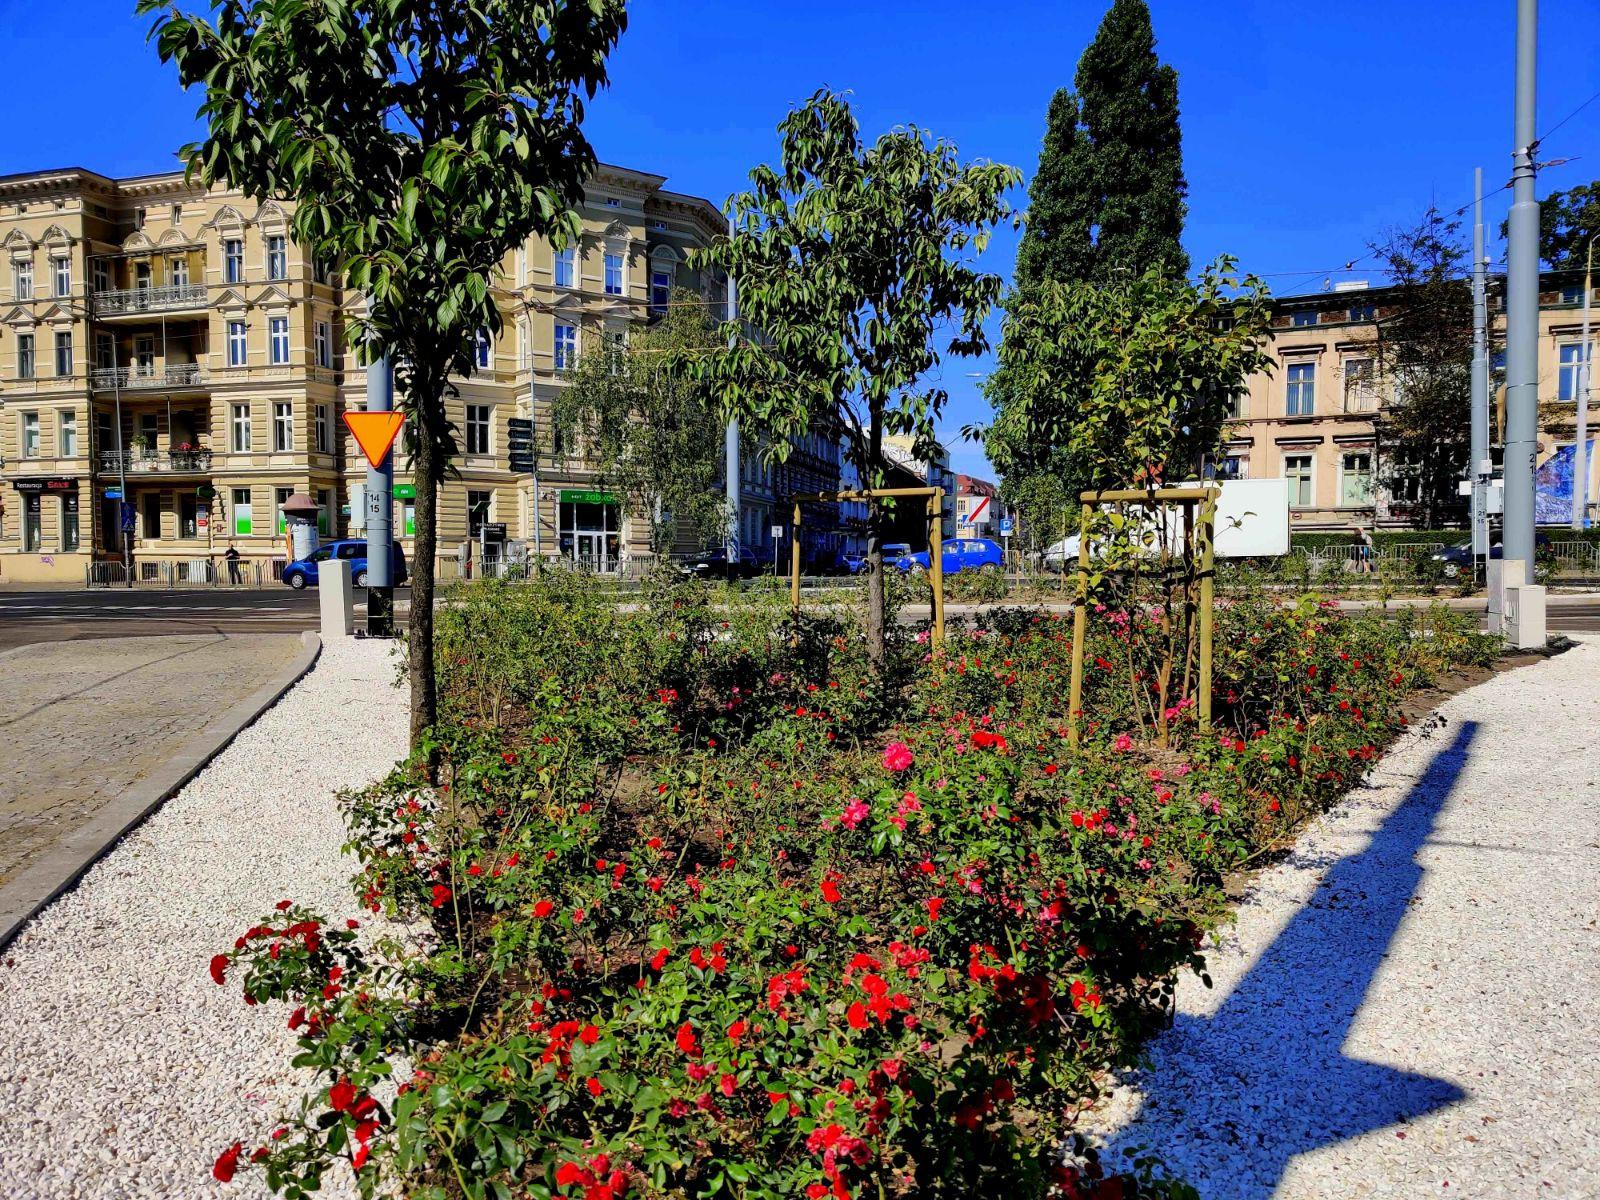 plac Szarych Szeregów zieleń rośliny